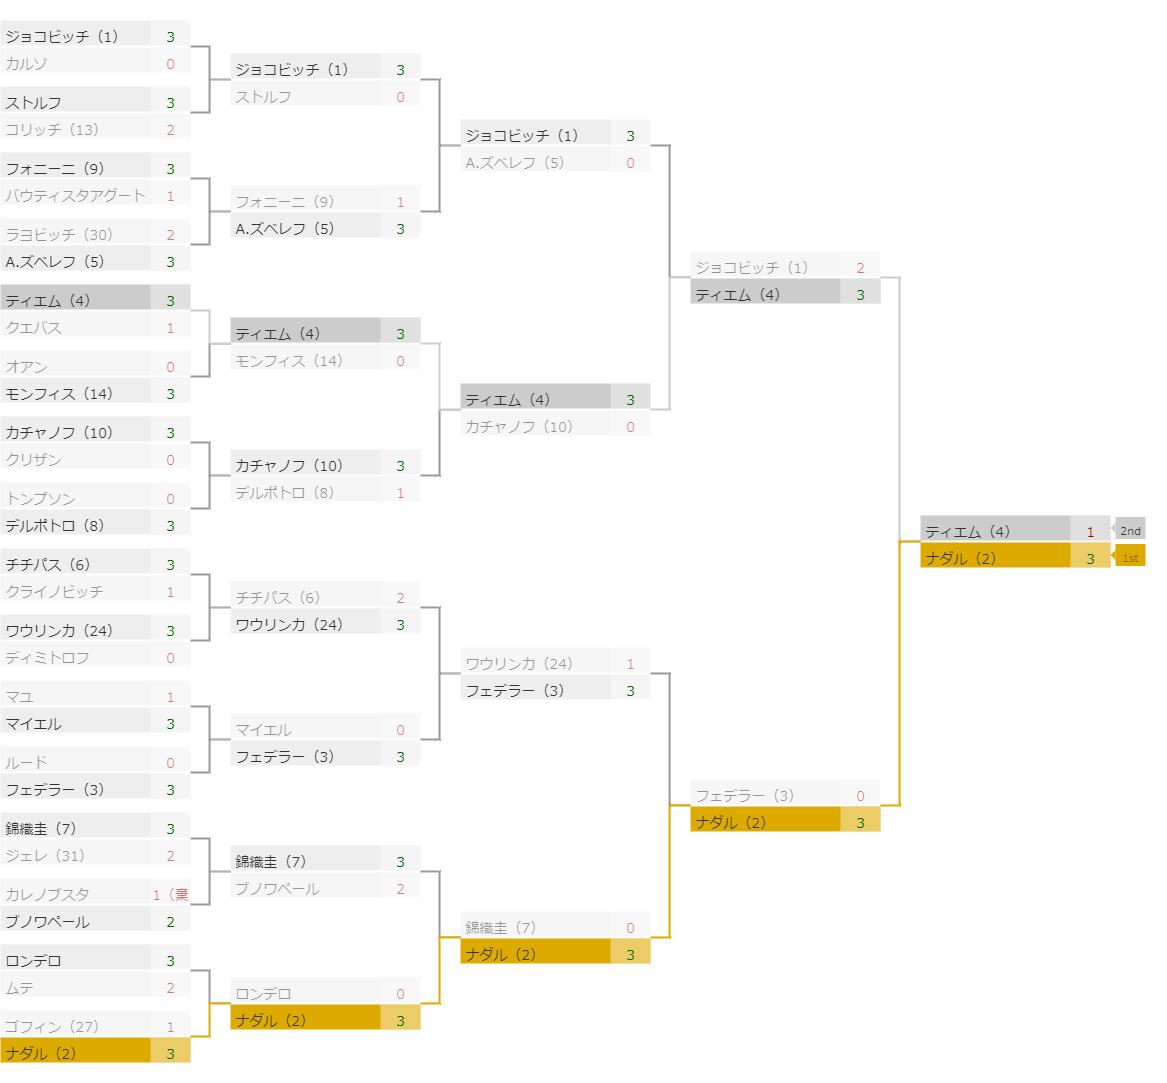 全仏オープン2019結果トーナメント表(男子)